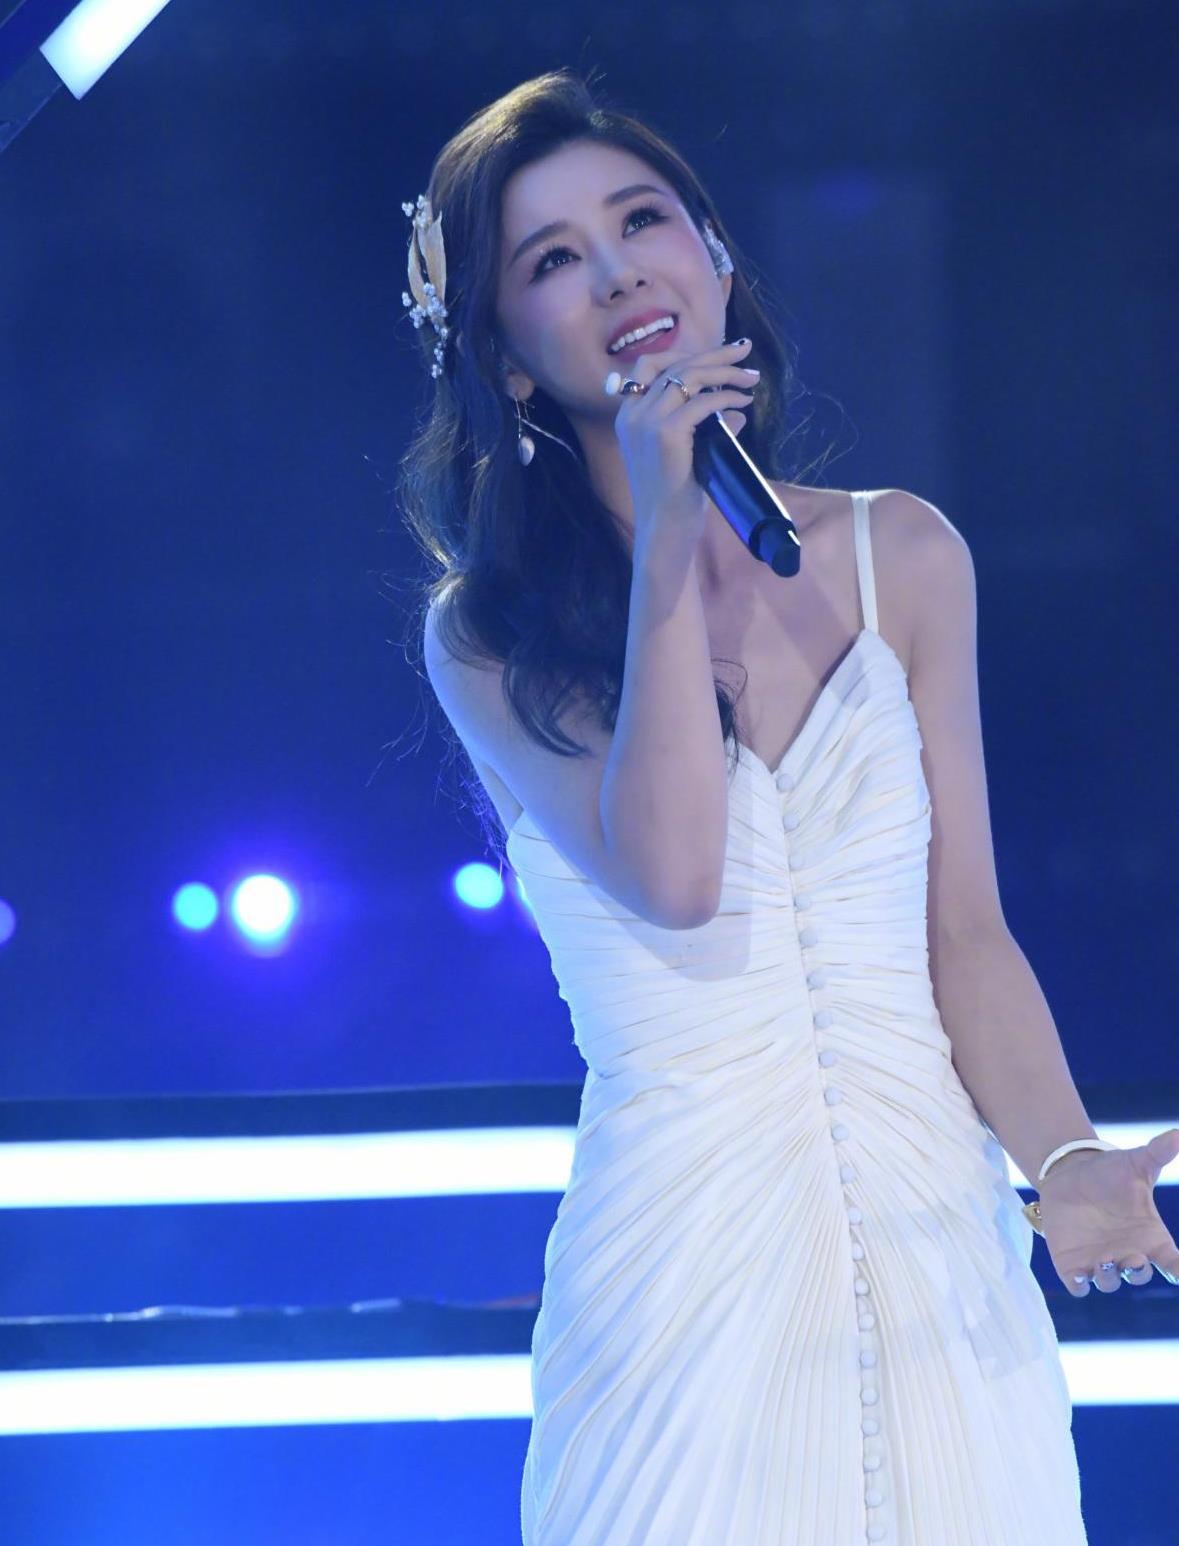 李小萌的脸真显嫩,穿吊带白裙显气质清新,身材曲线还更好